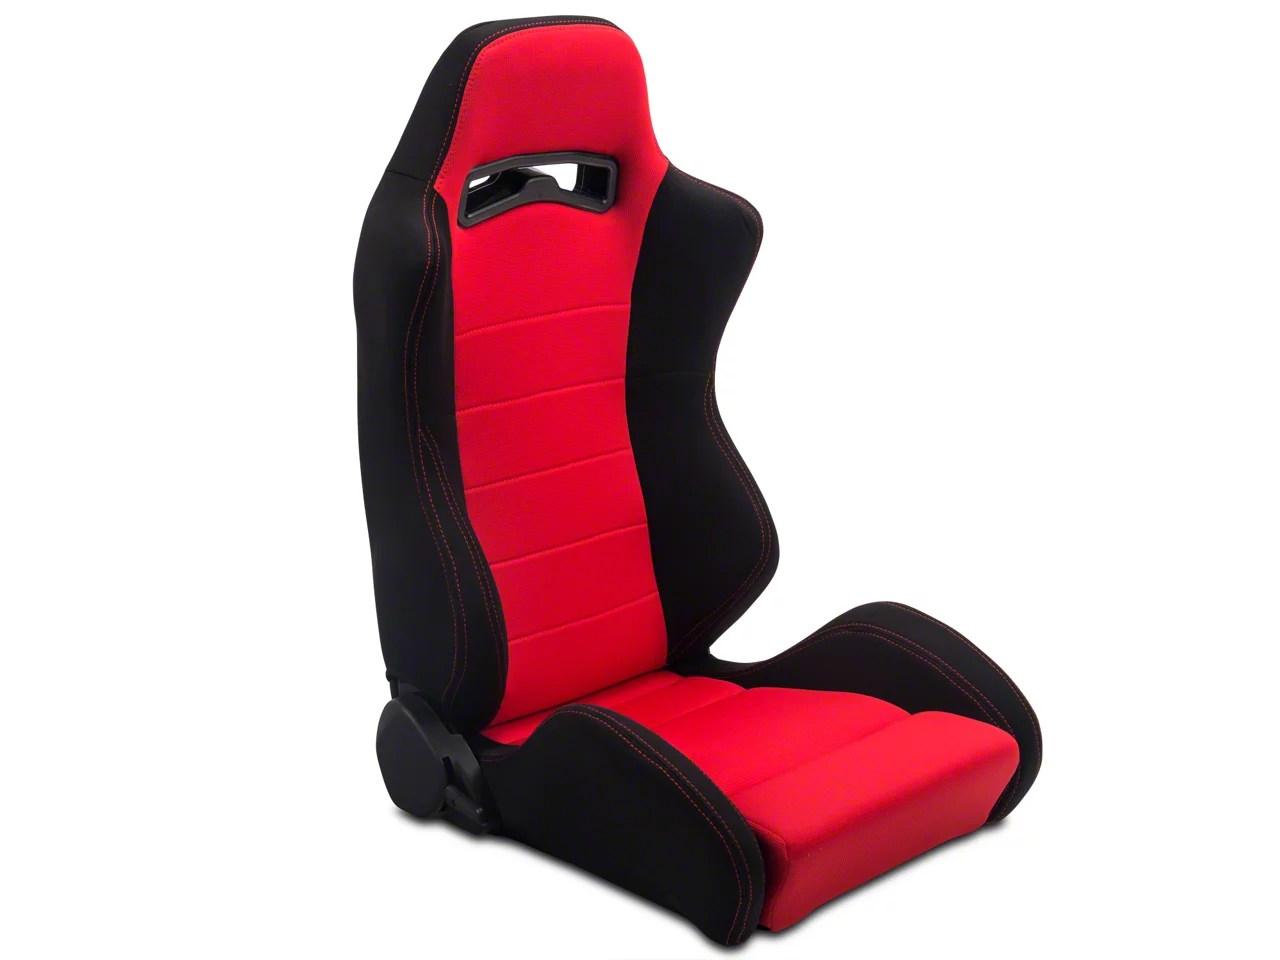 Speedform Mustang Black Red Racing Seats Pair 384433